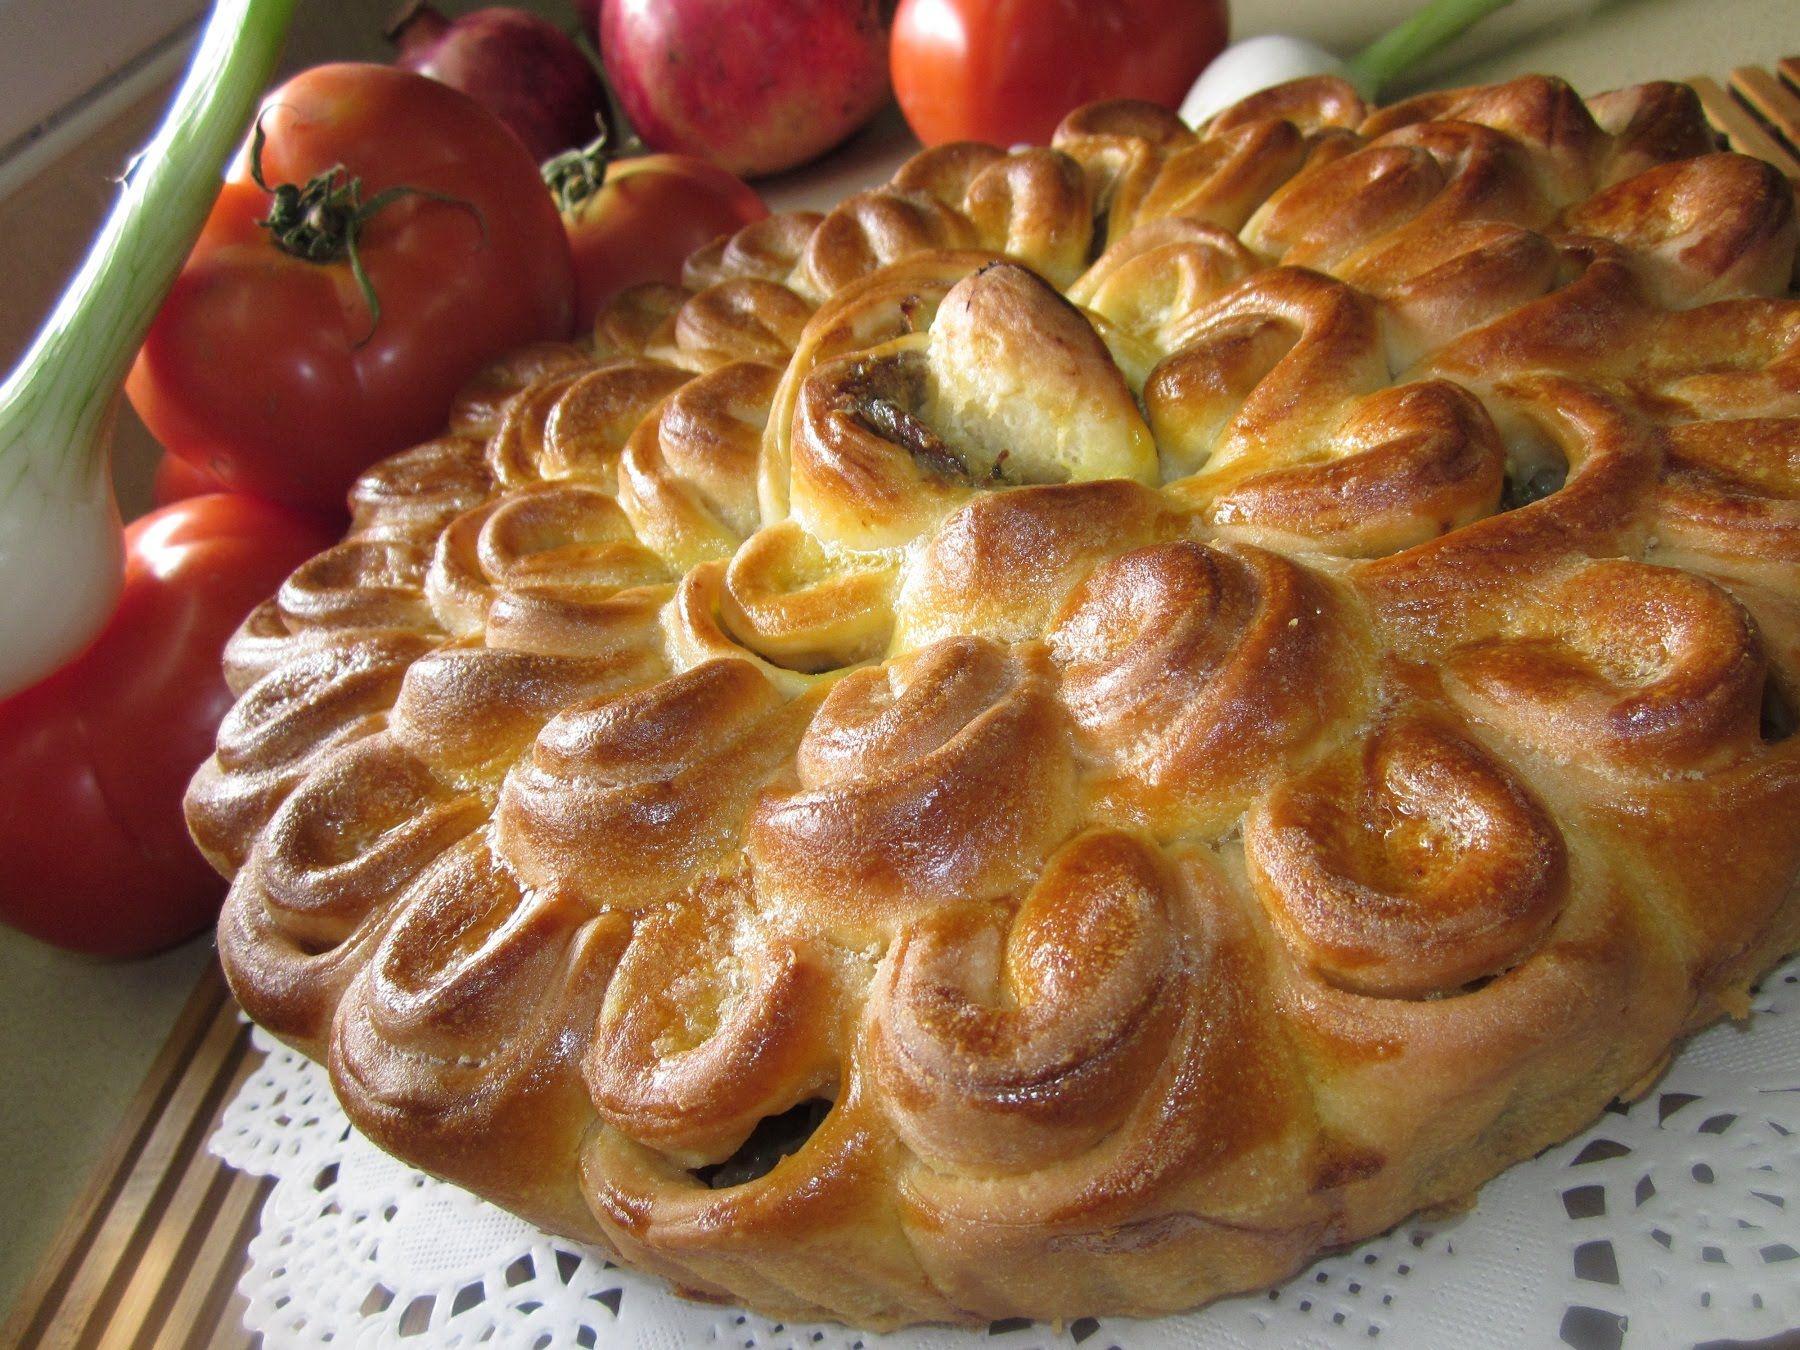 заботит фото рецепты красивых пирогов фотографии, пока